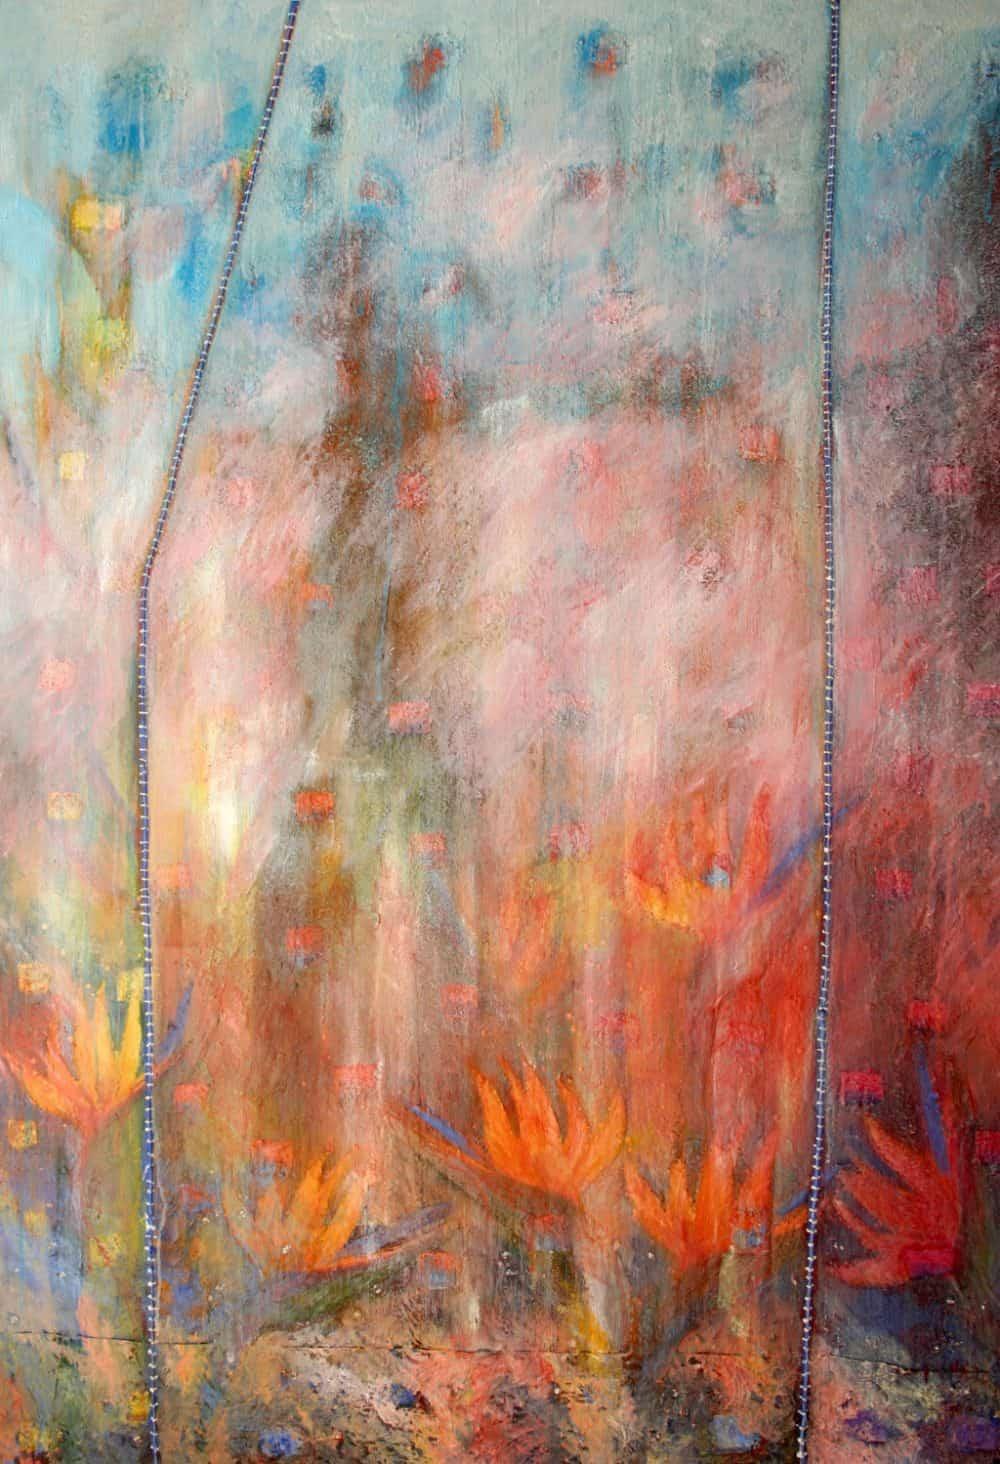 nalini-treebhoobun-curtains-of-dawn-1-1